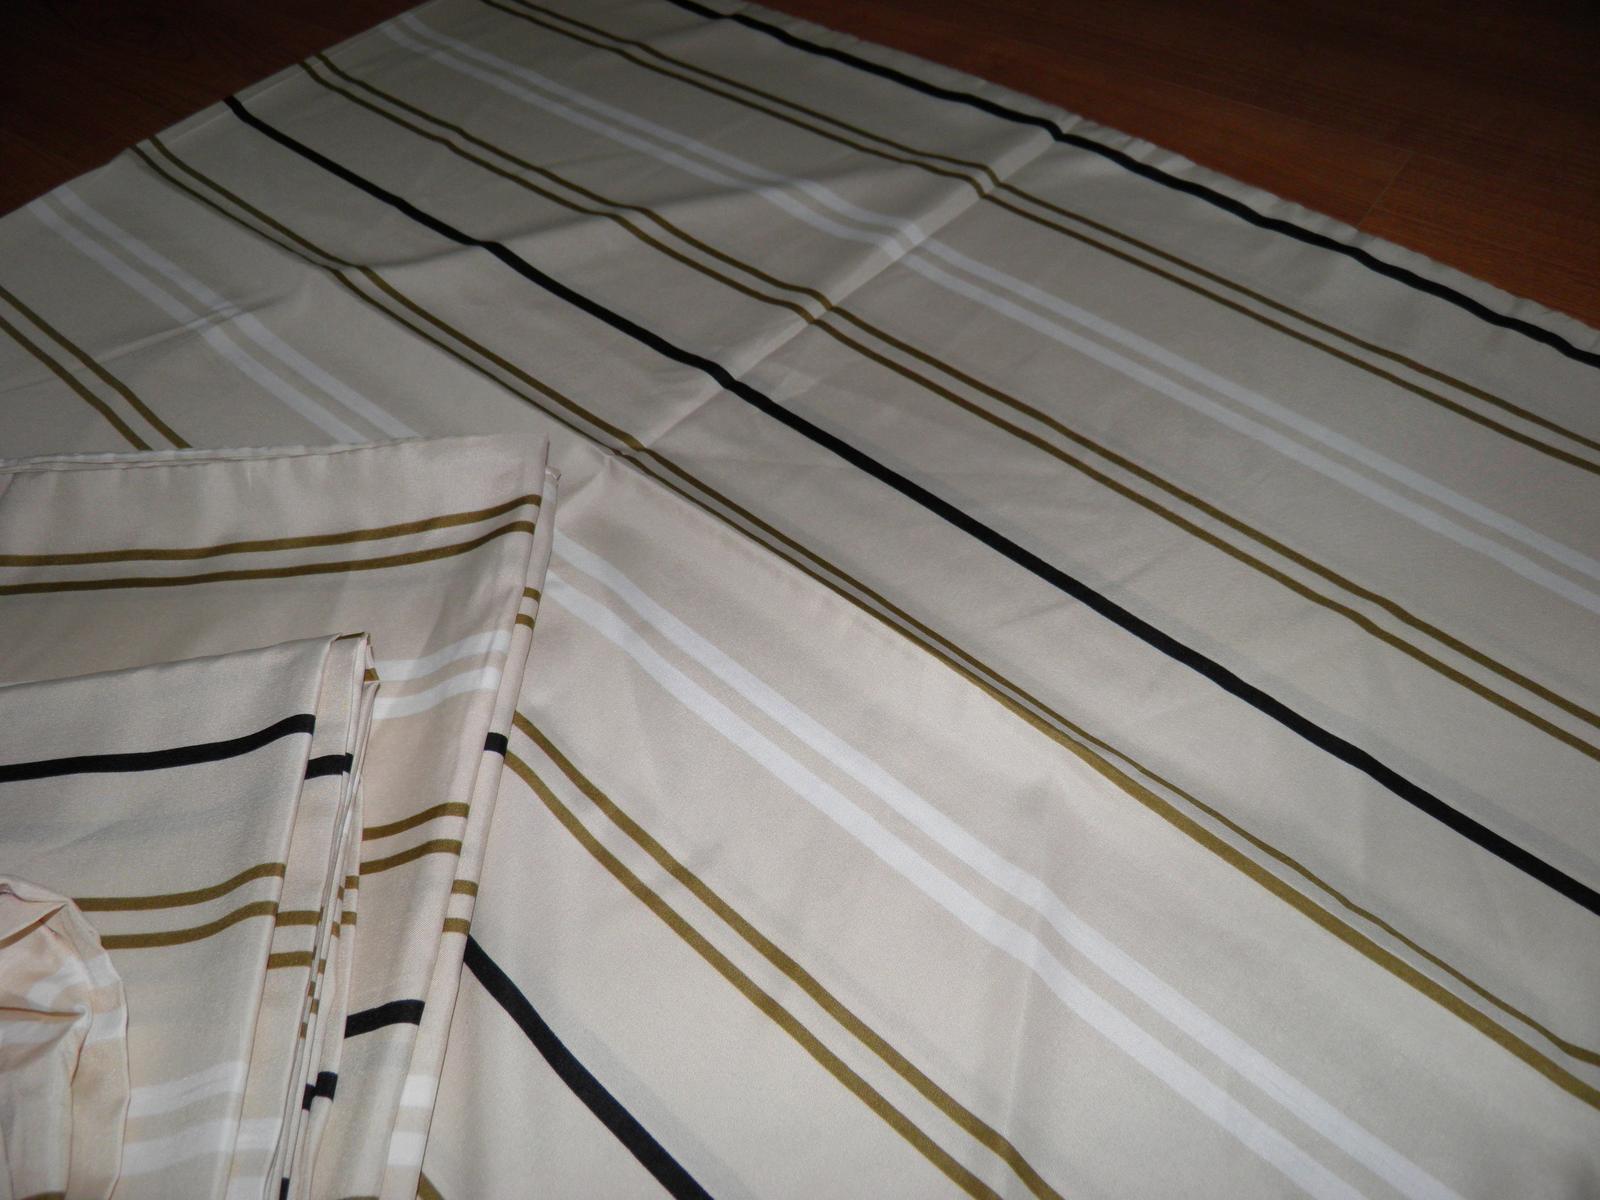 postelne prádlo, postelne obliečky - Obrázok č. 1